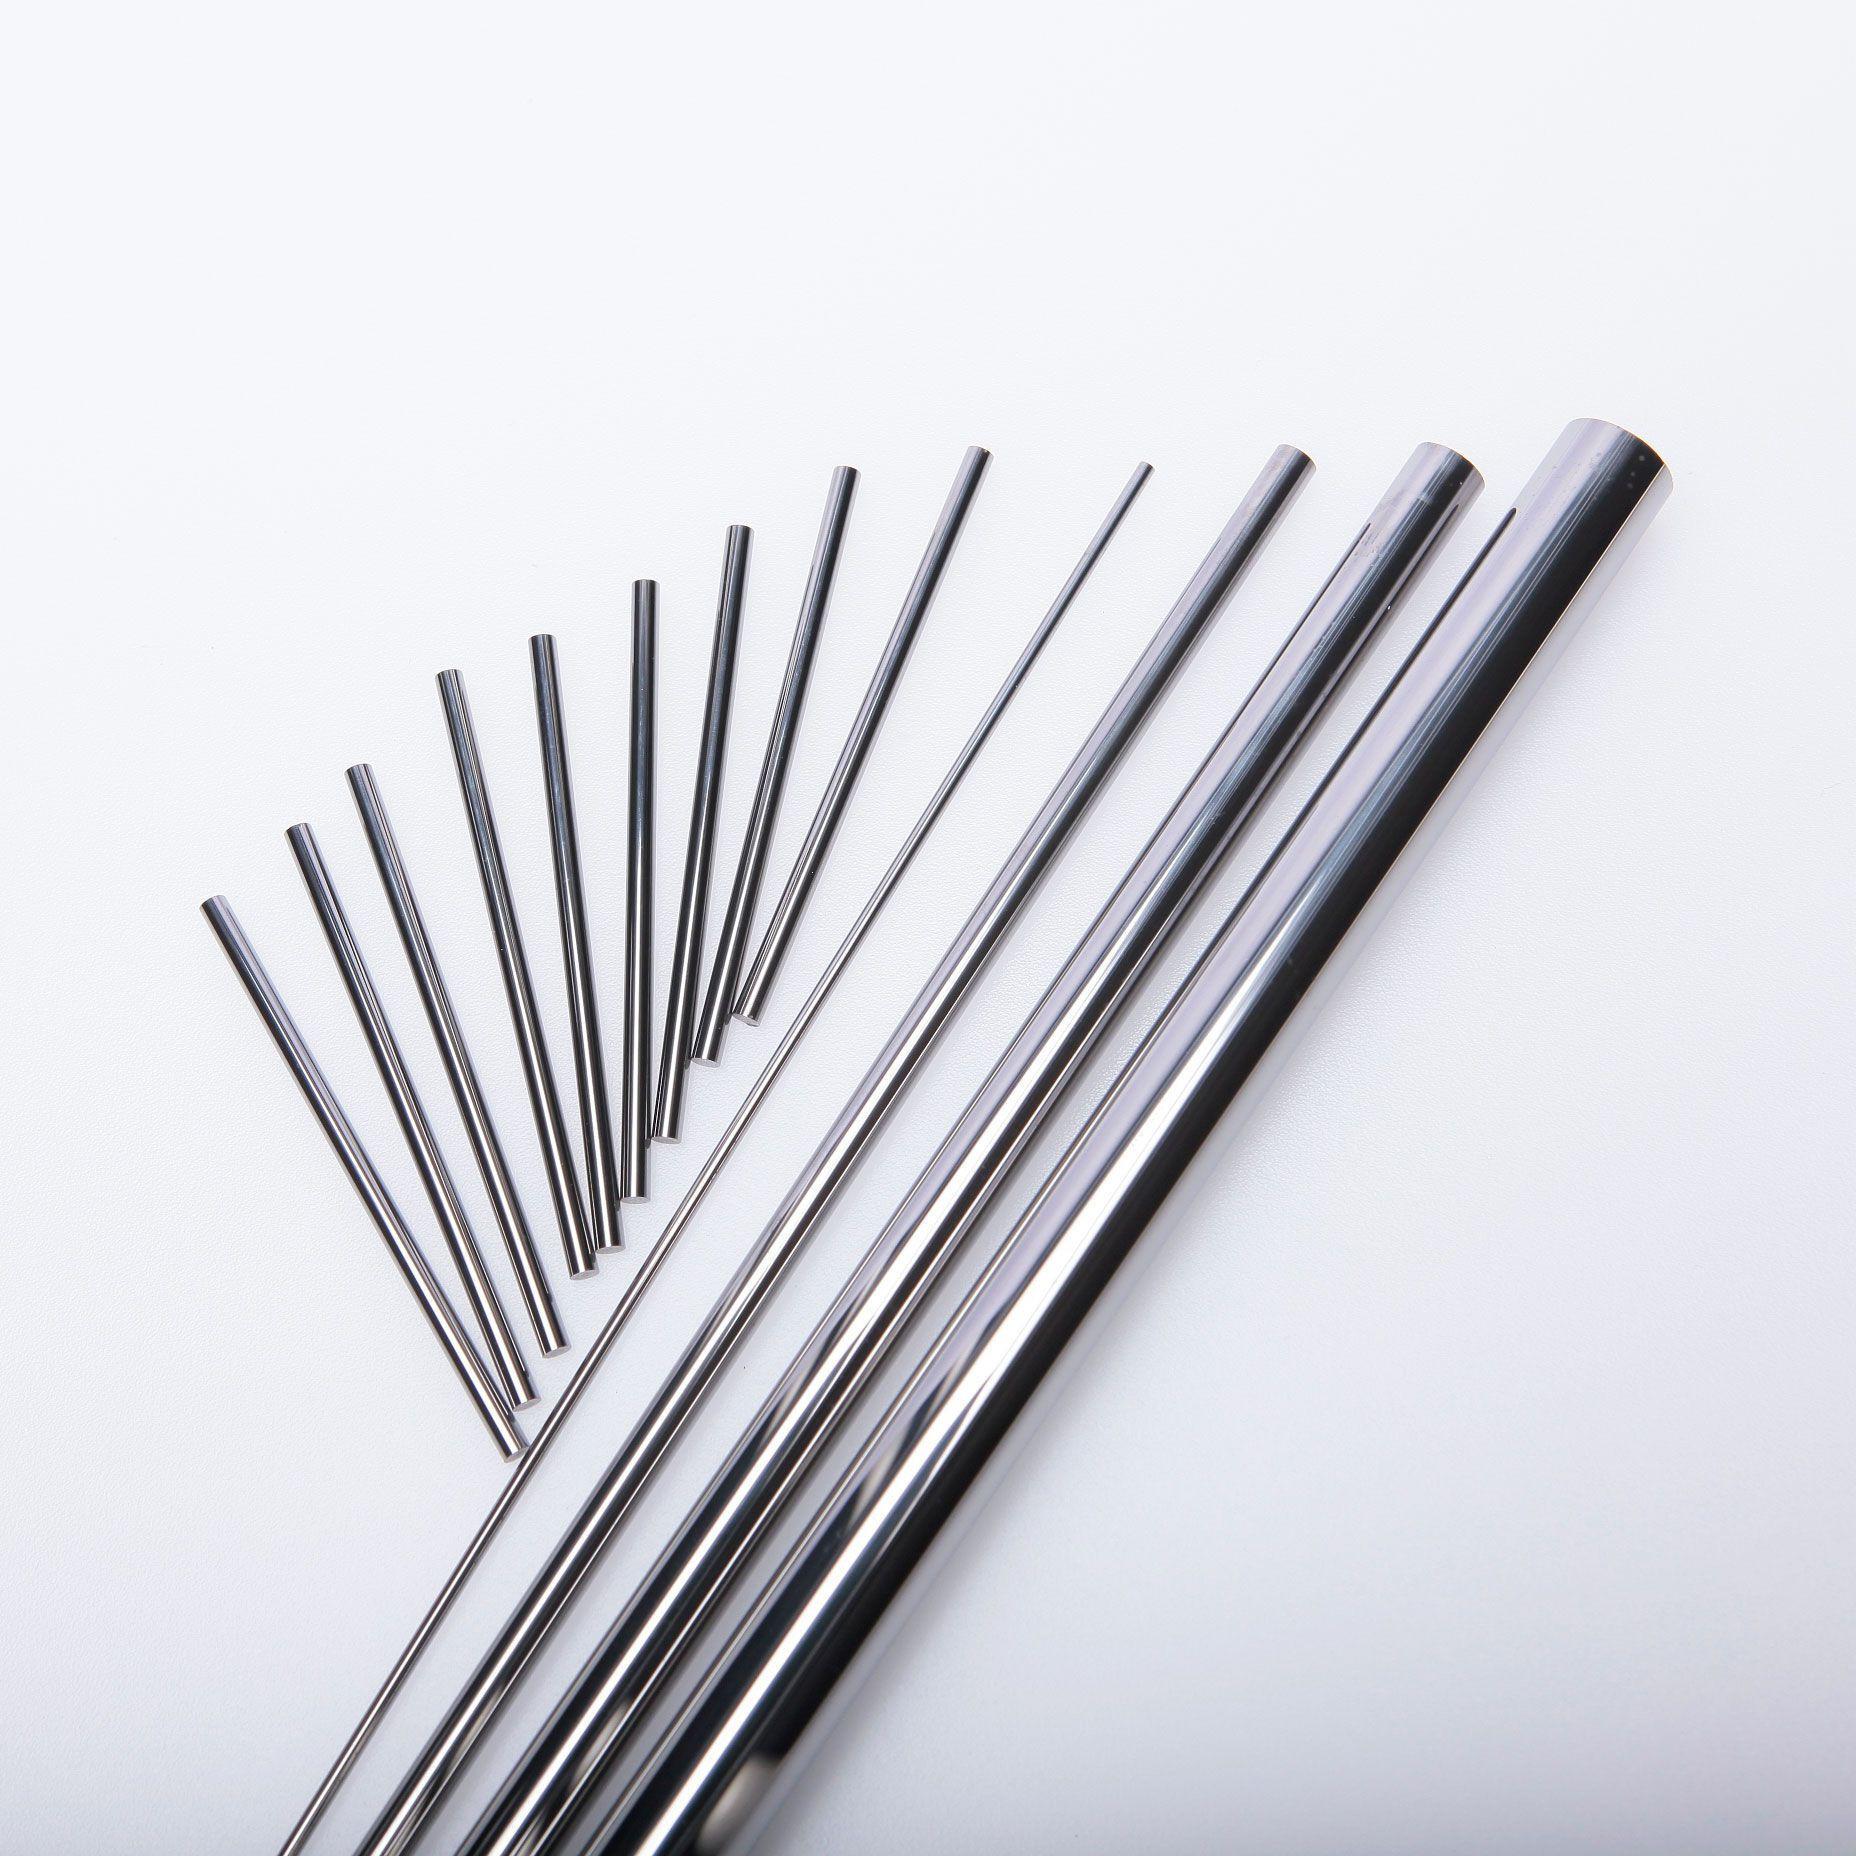 Metal tool parts tungsten carbide blank round bars solid carbide rods tungsten carbide rods